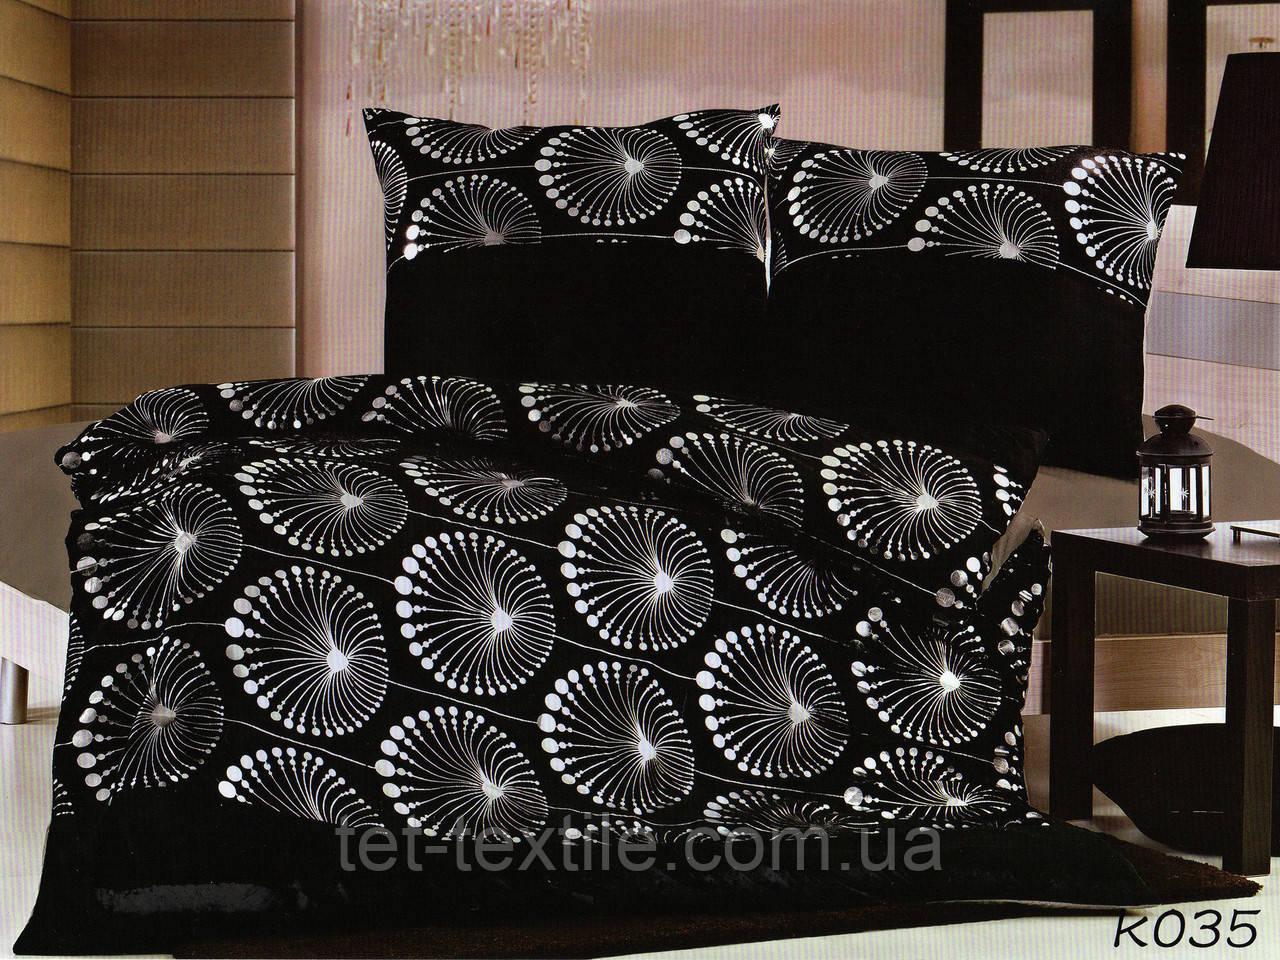 Комплект постельного белья из сатина и микрофибры 200х220